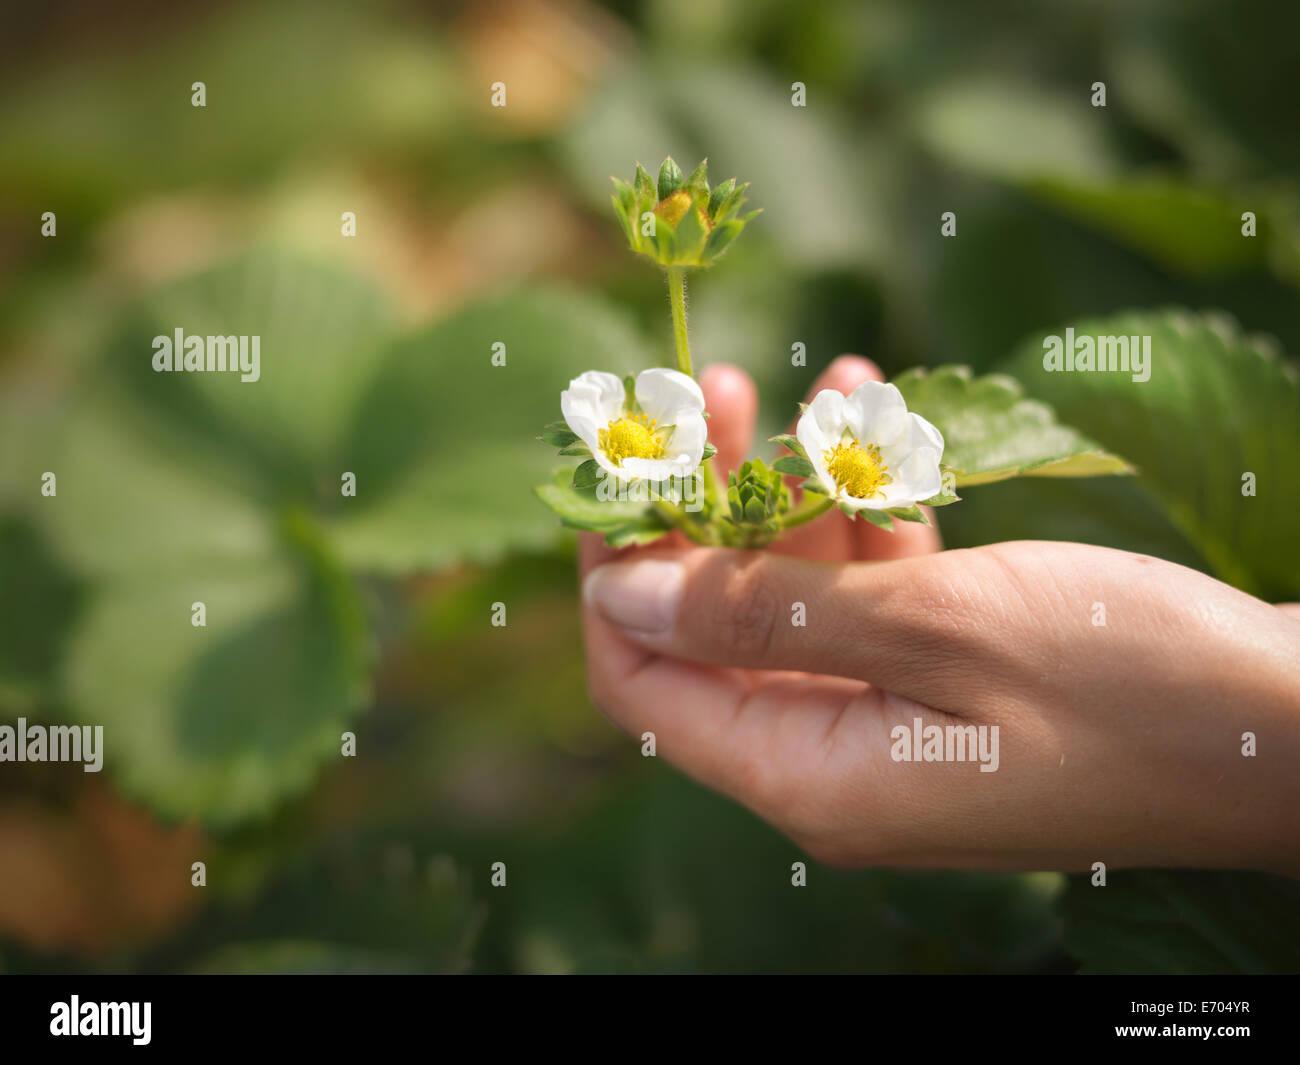 Nahaufnahme von Hände halten Erdbeere Blumen im Obsthof Stockbild